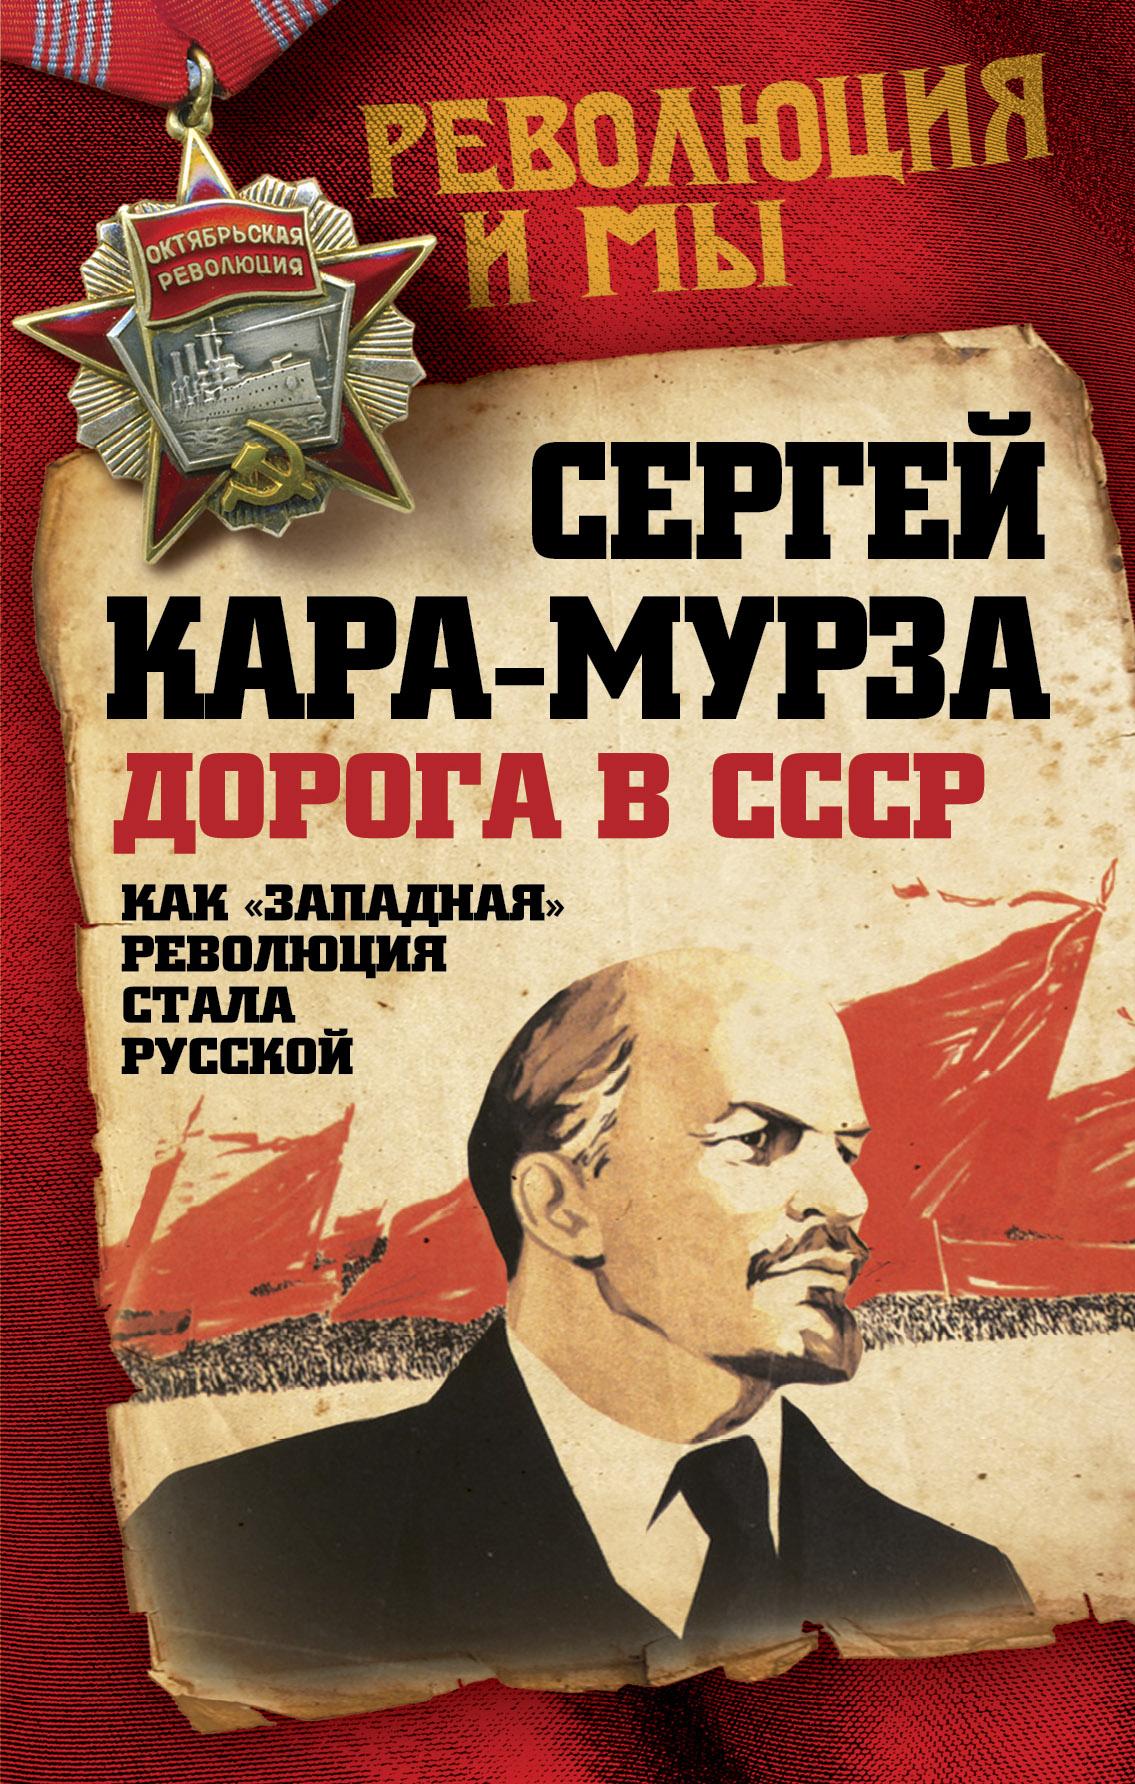 Дорога в СССР. Как западная революция стала русской